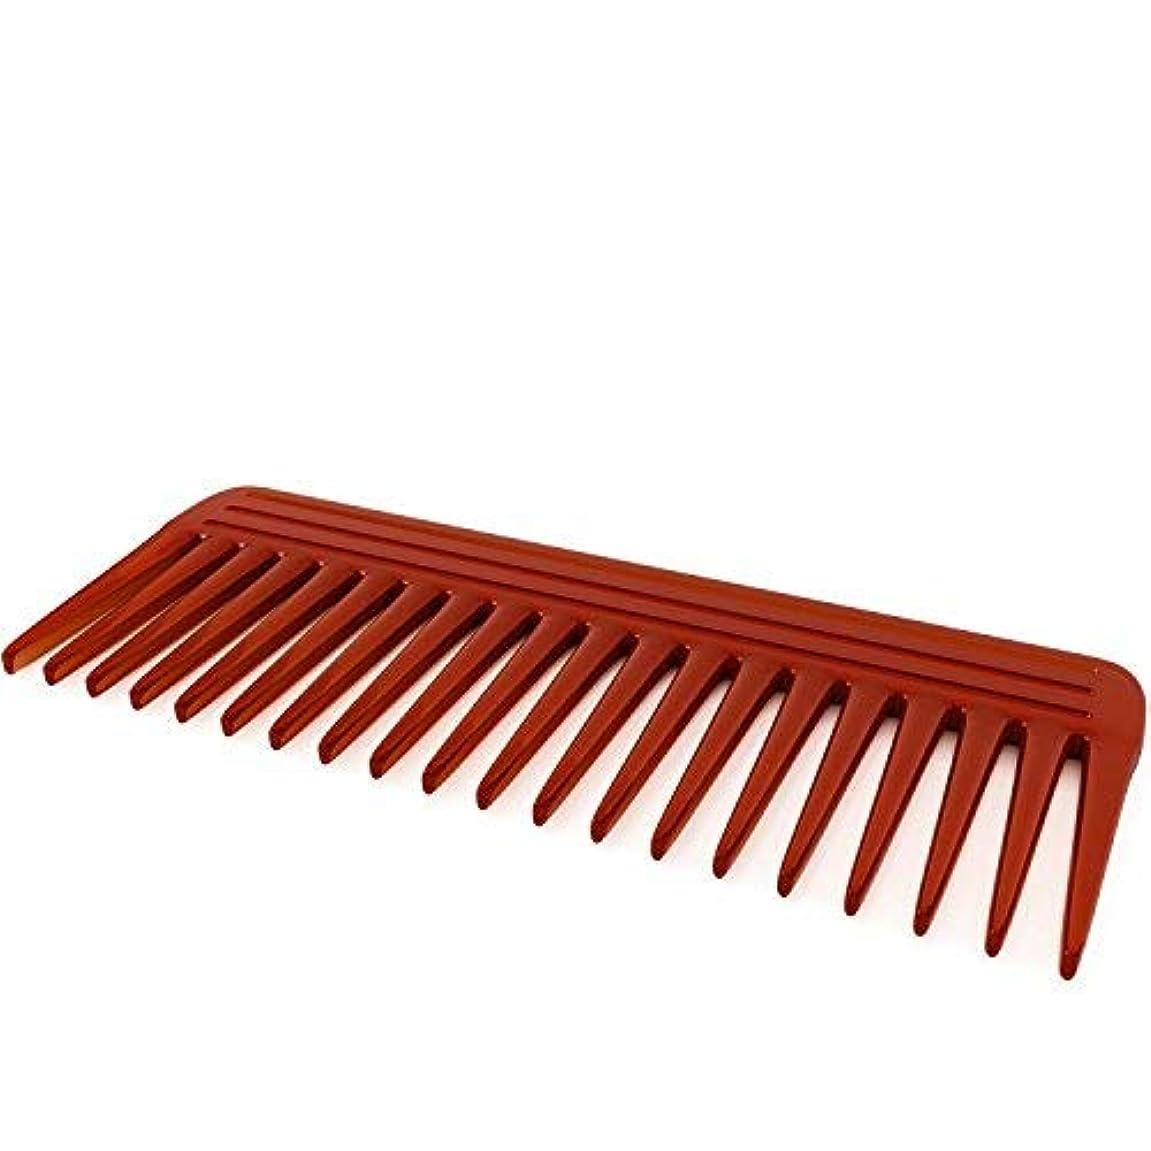 第二ロゴチーズNatural Hair Comb for Men & Women - Made From Pure Resin Pulp - Best Styling Comb for Long, Wet or Curly Hair...